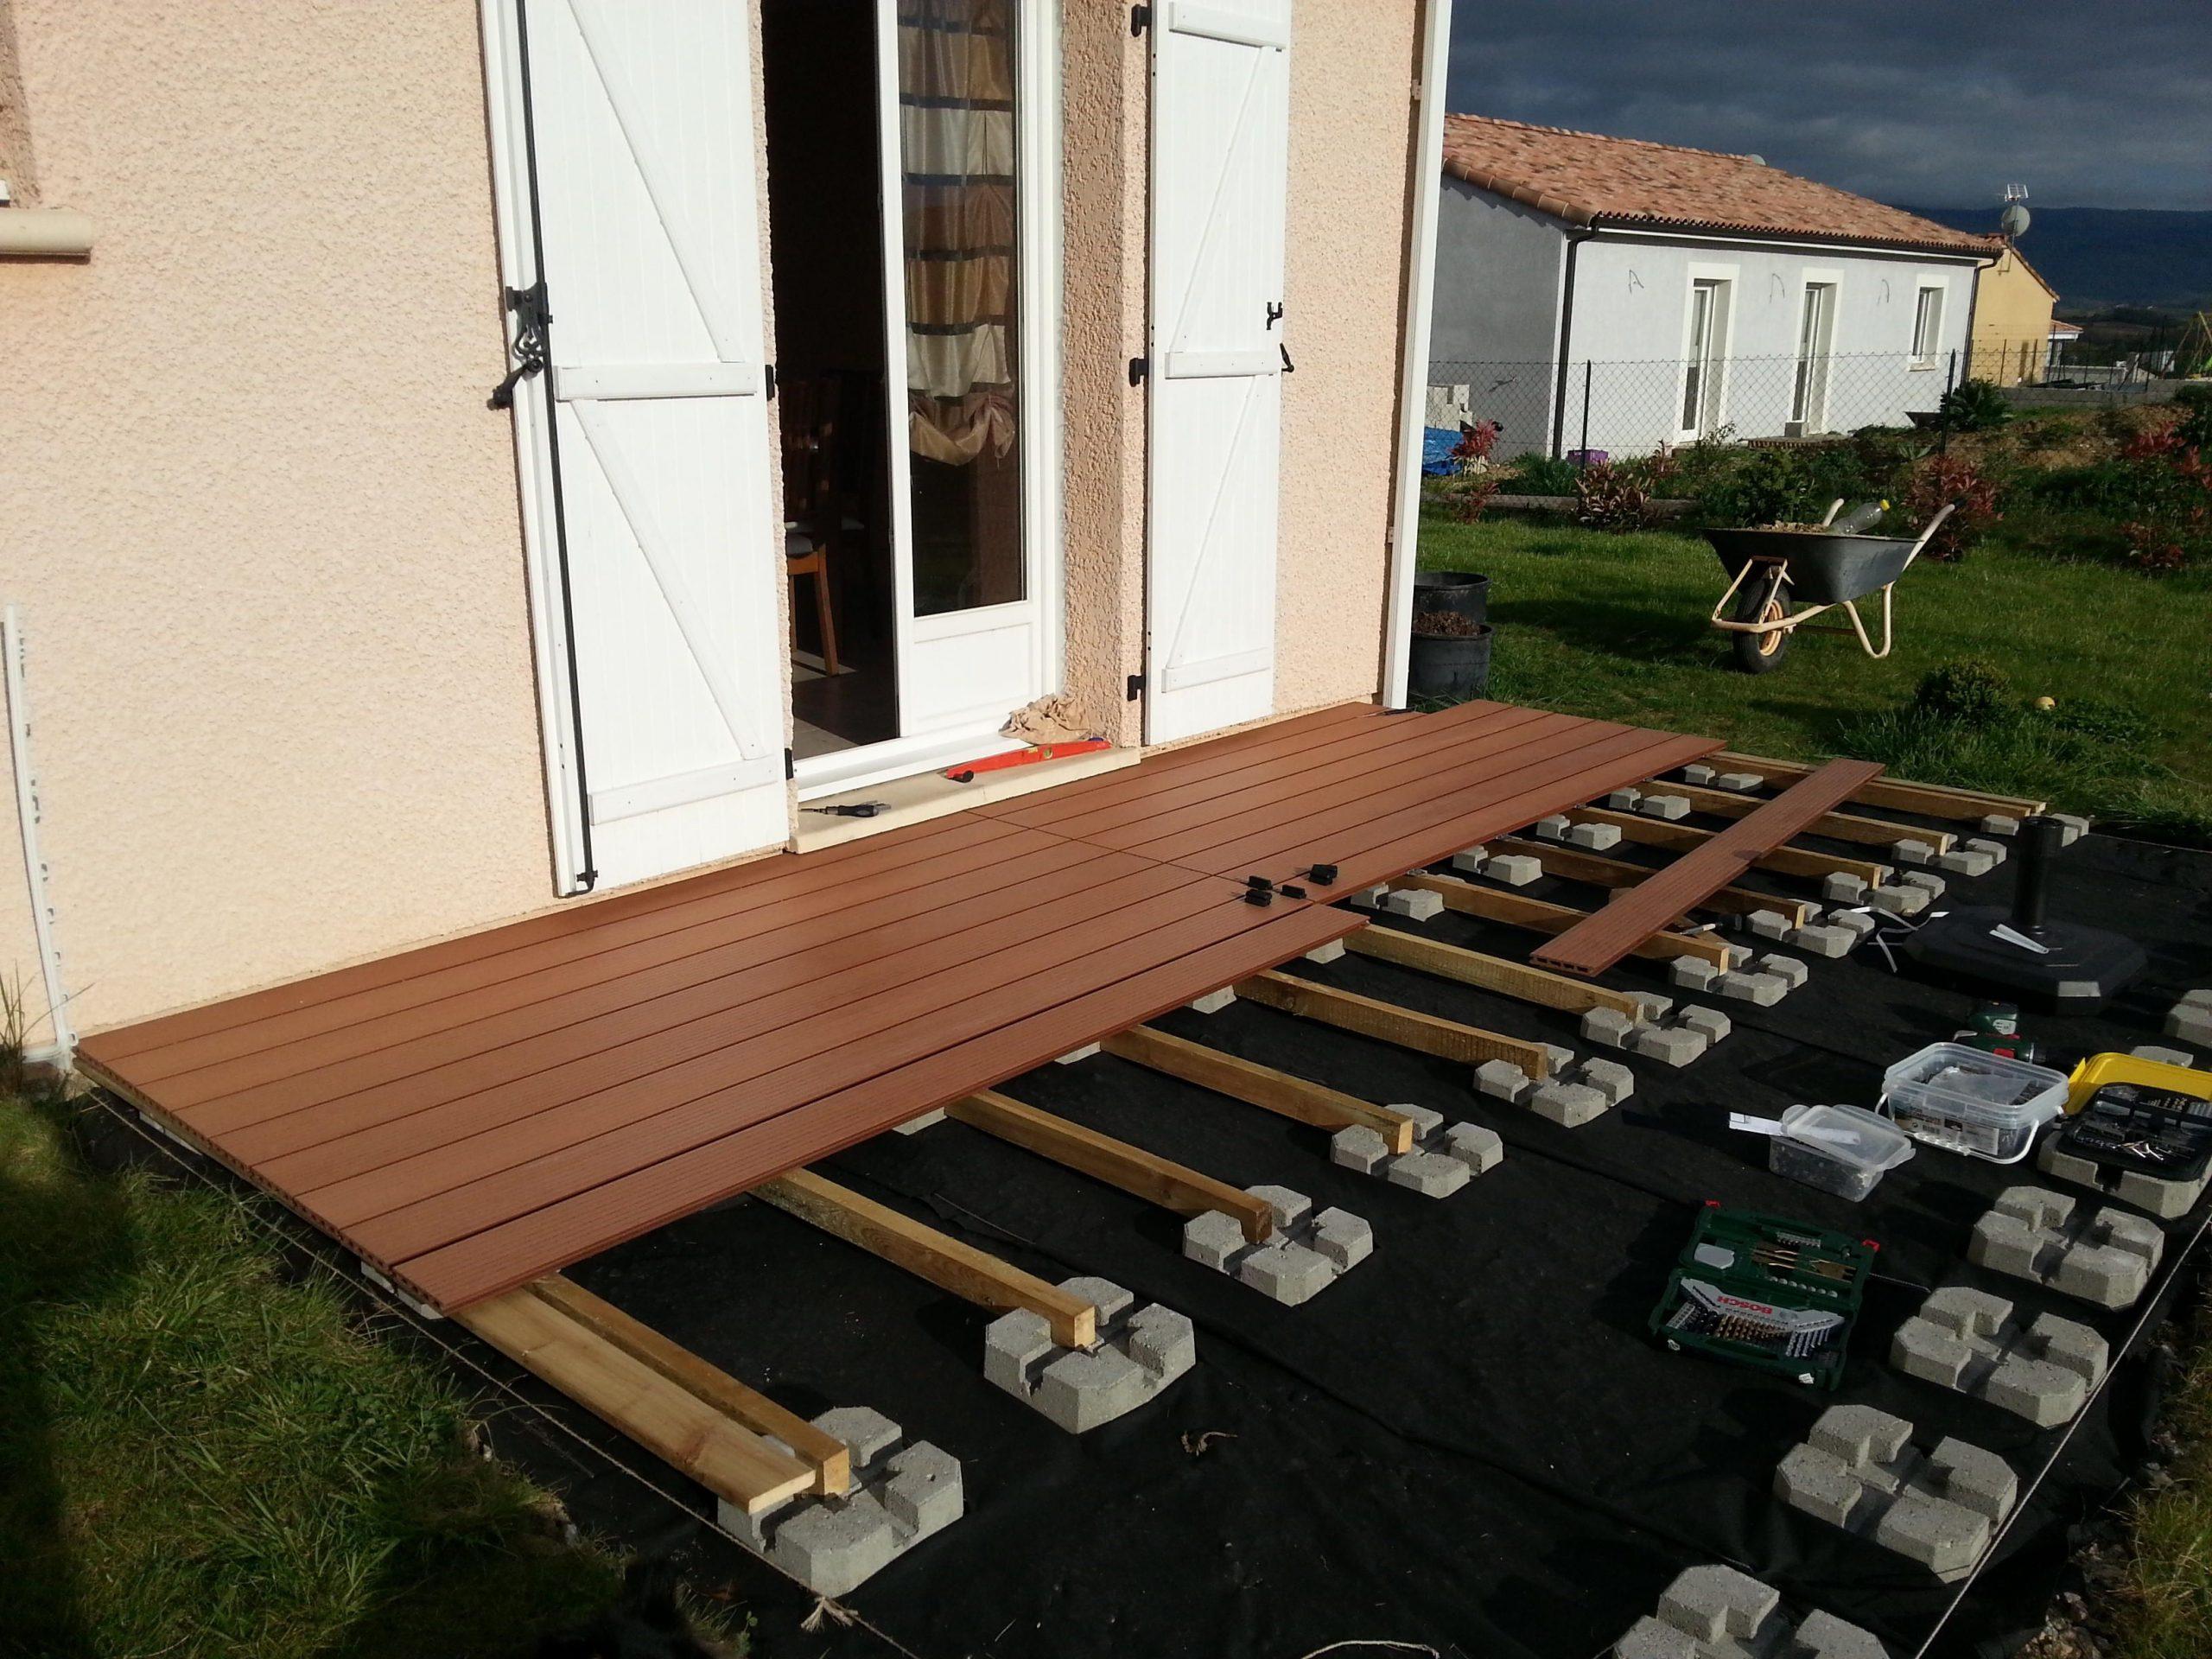 Comment Poser Une Terrasse Composite Sur Lambourdes Et Plots ... à Plot Terrasse Blooma